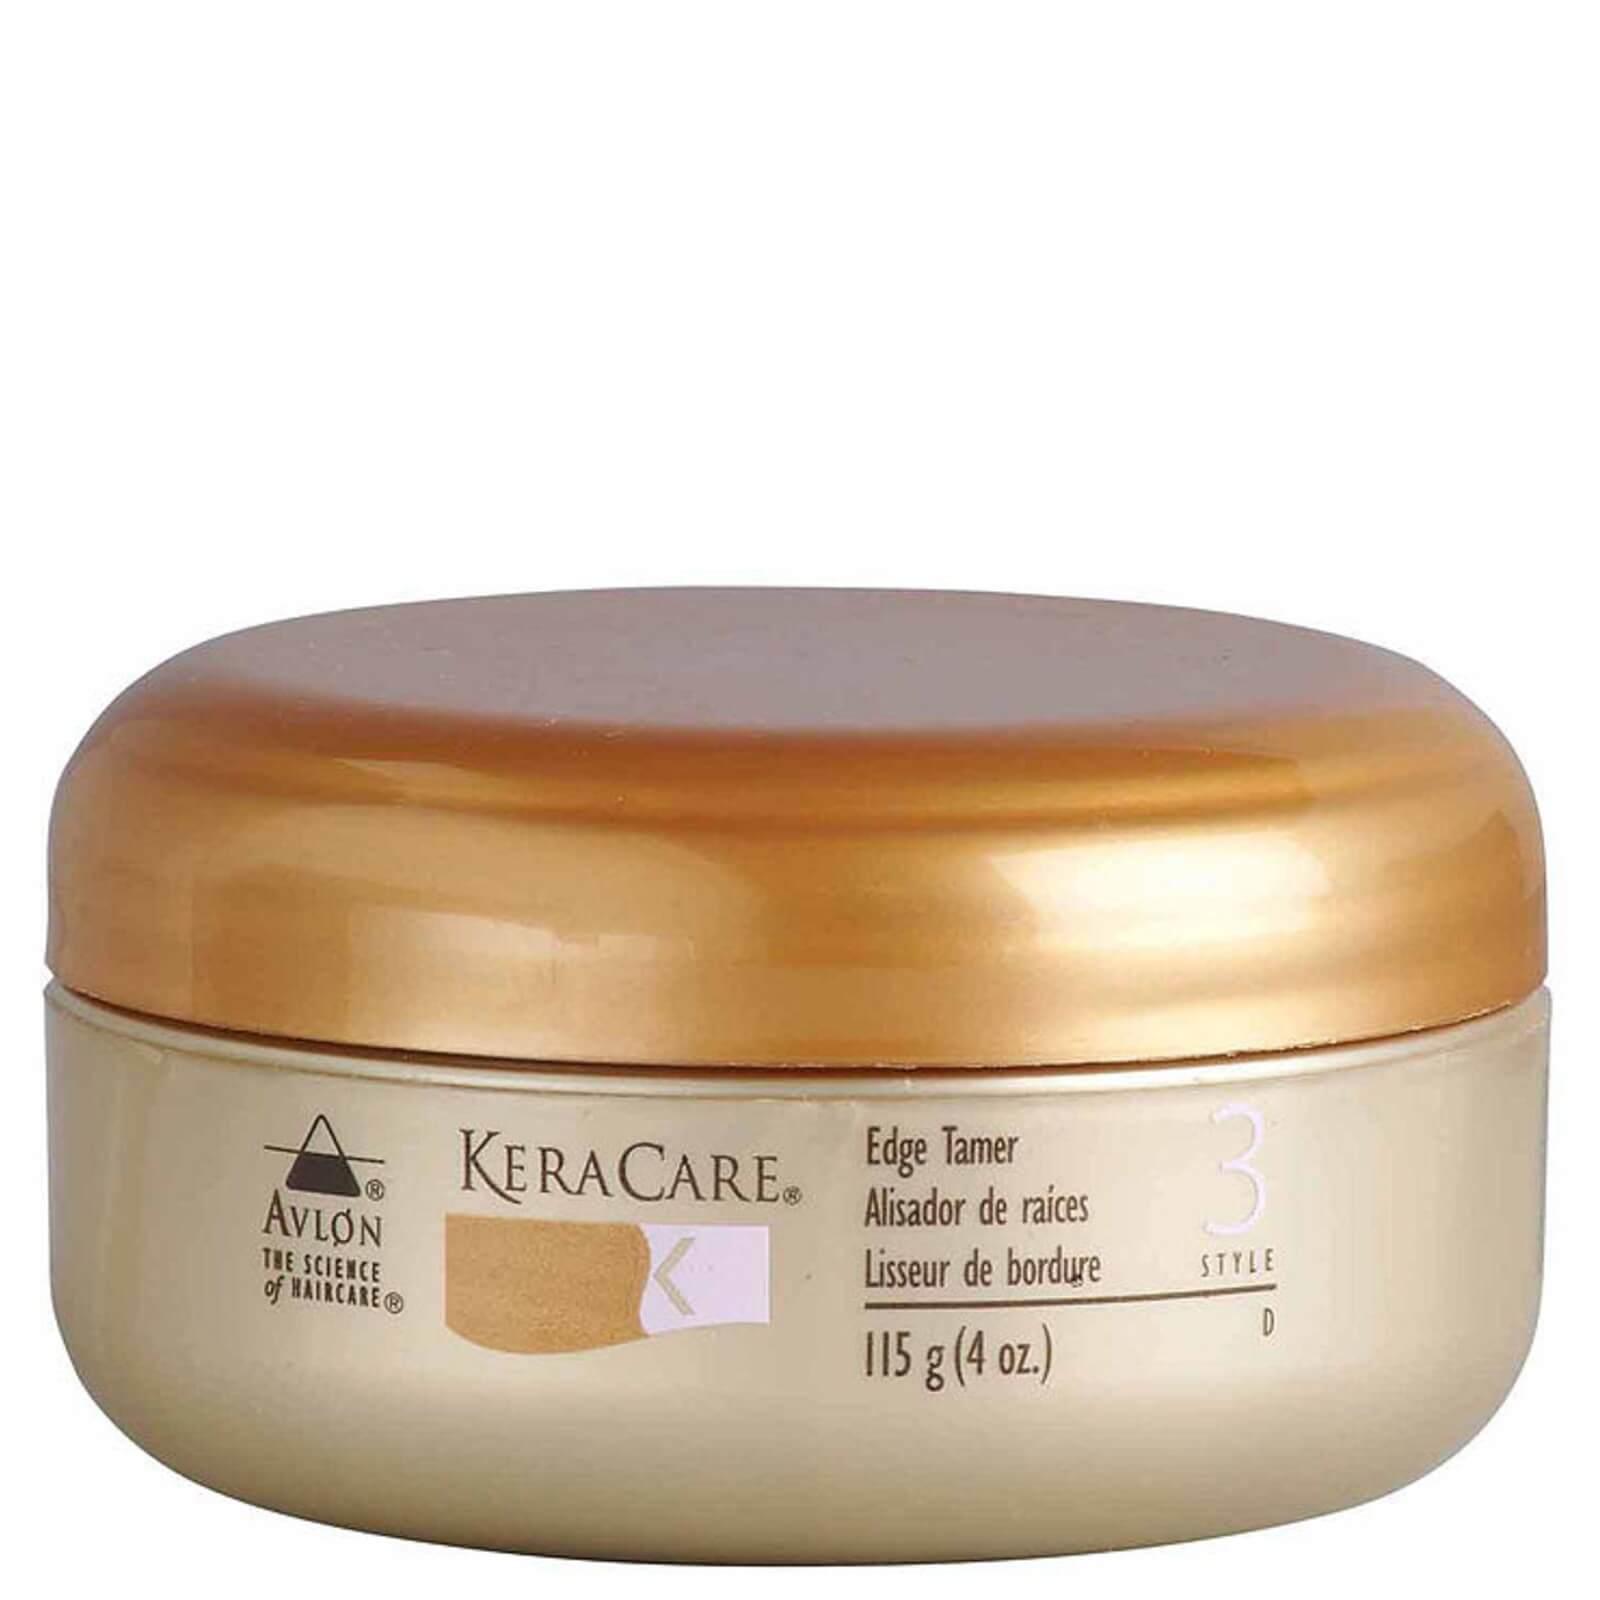 Купить Средство для придания гладкости волосам Keracare Edge Tamer (115 г)